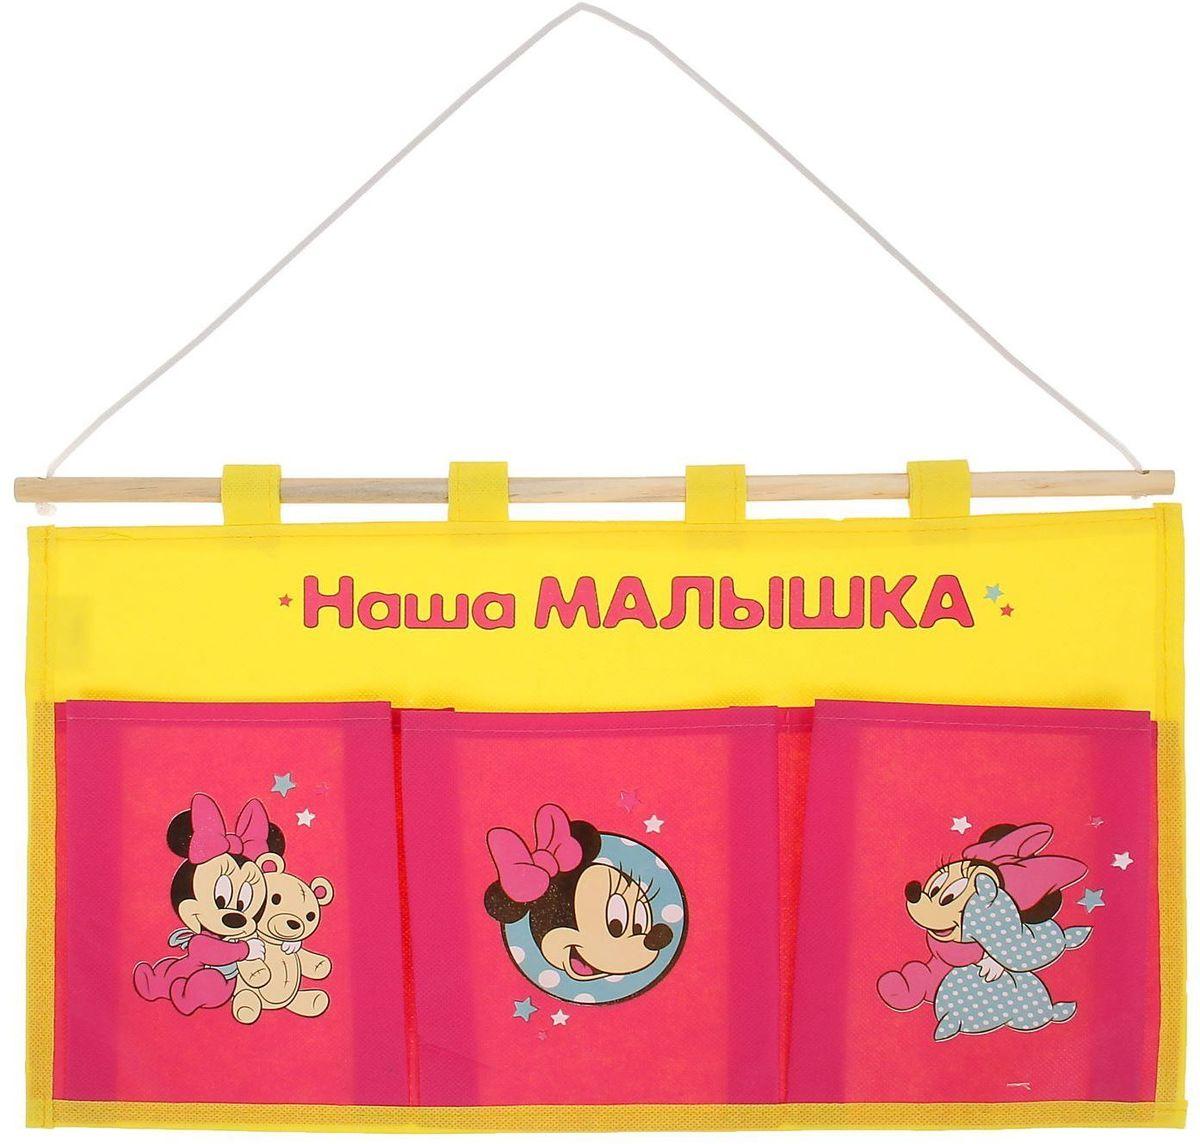 Disney Кармашки настенные Наша малышка Минни Маус 3 отделенияCLP446Порядок с любимыми героями Disney. Украсьте комнату ребёнка стильным и полезным аксессуаром. Настенные кармашки организуют вещи малышки и помогут содержать комнату в чистоте и порядке. Положите туда игрушки или одежду, и детская преобразится! Кармашки даже можно использовать в ванной комнате.Набор из нетканого материала спанбонд крепится на деревянную палочку, а вся конструкция подвешивается за верёвку. Яркие рисунки с любимыми персонажами нанесены по термотрансферной технологии.Изделие упаковано в прозрачный пакет, к которому прилагается небольшой шильд с героем Disney, где можно написать тёплые слова и пожелания для адресата.Соберите коллекцию аксессуаров с любимыми героями!